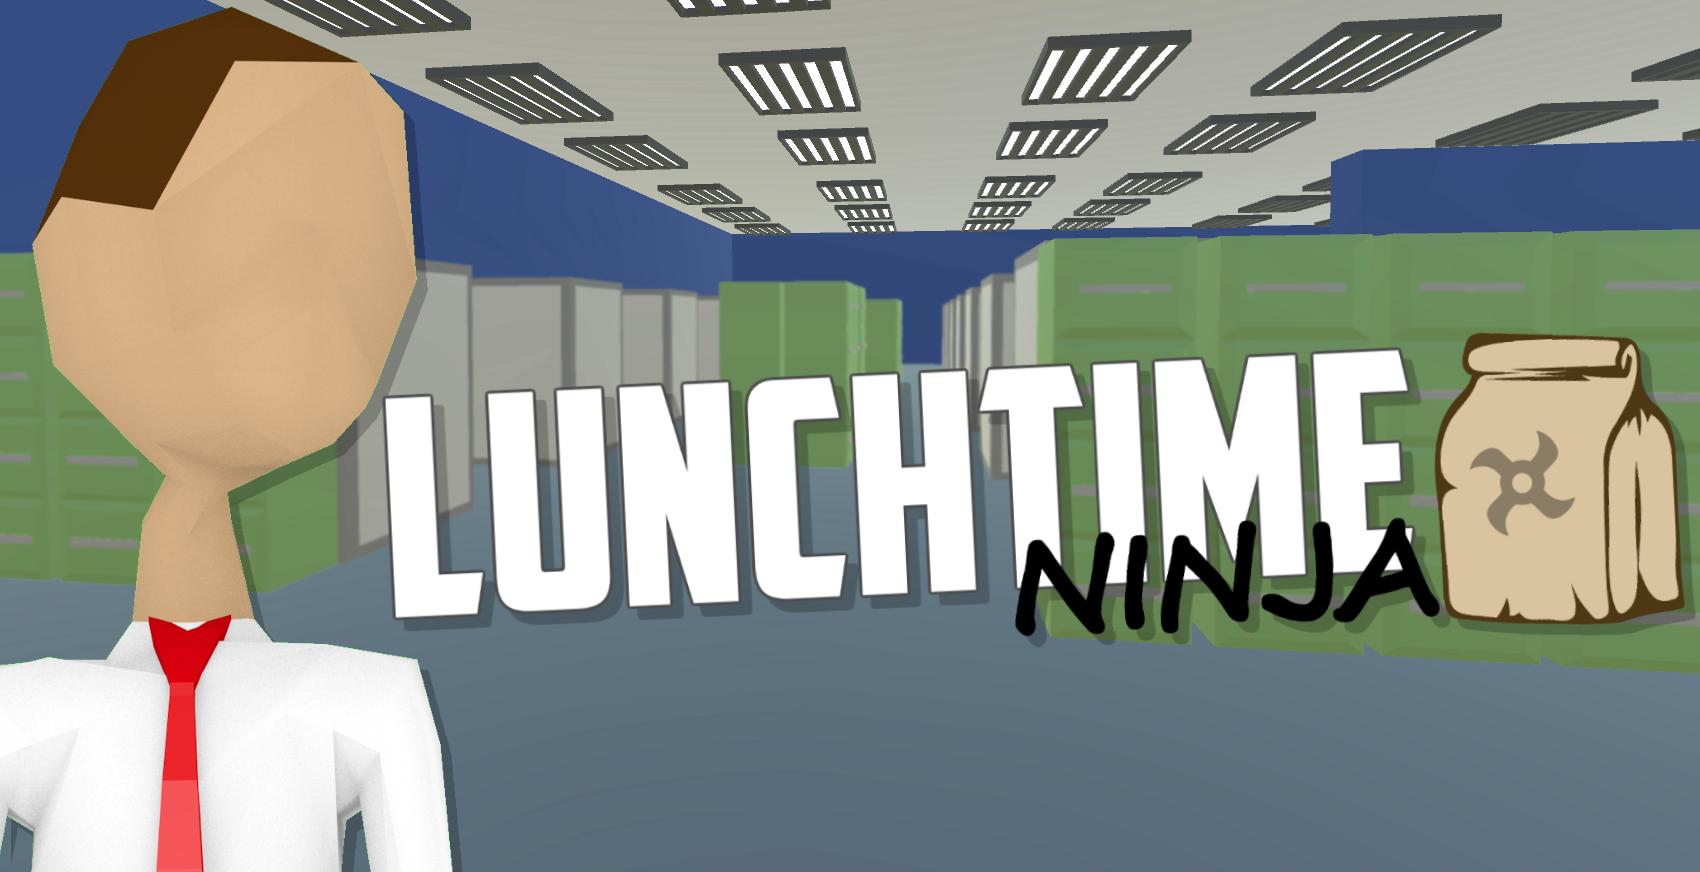 Lunchtime Ninja